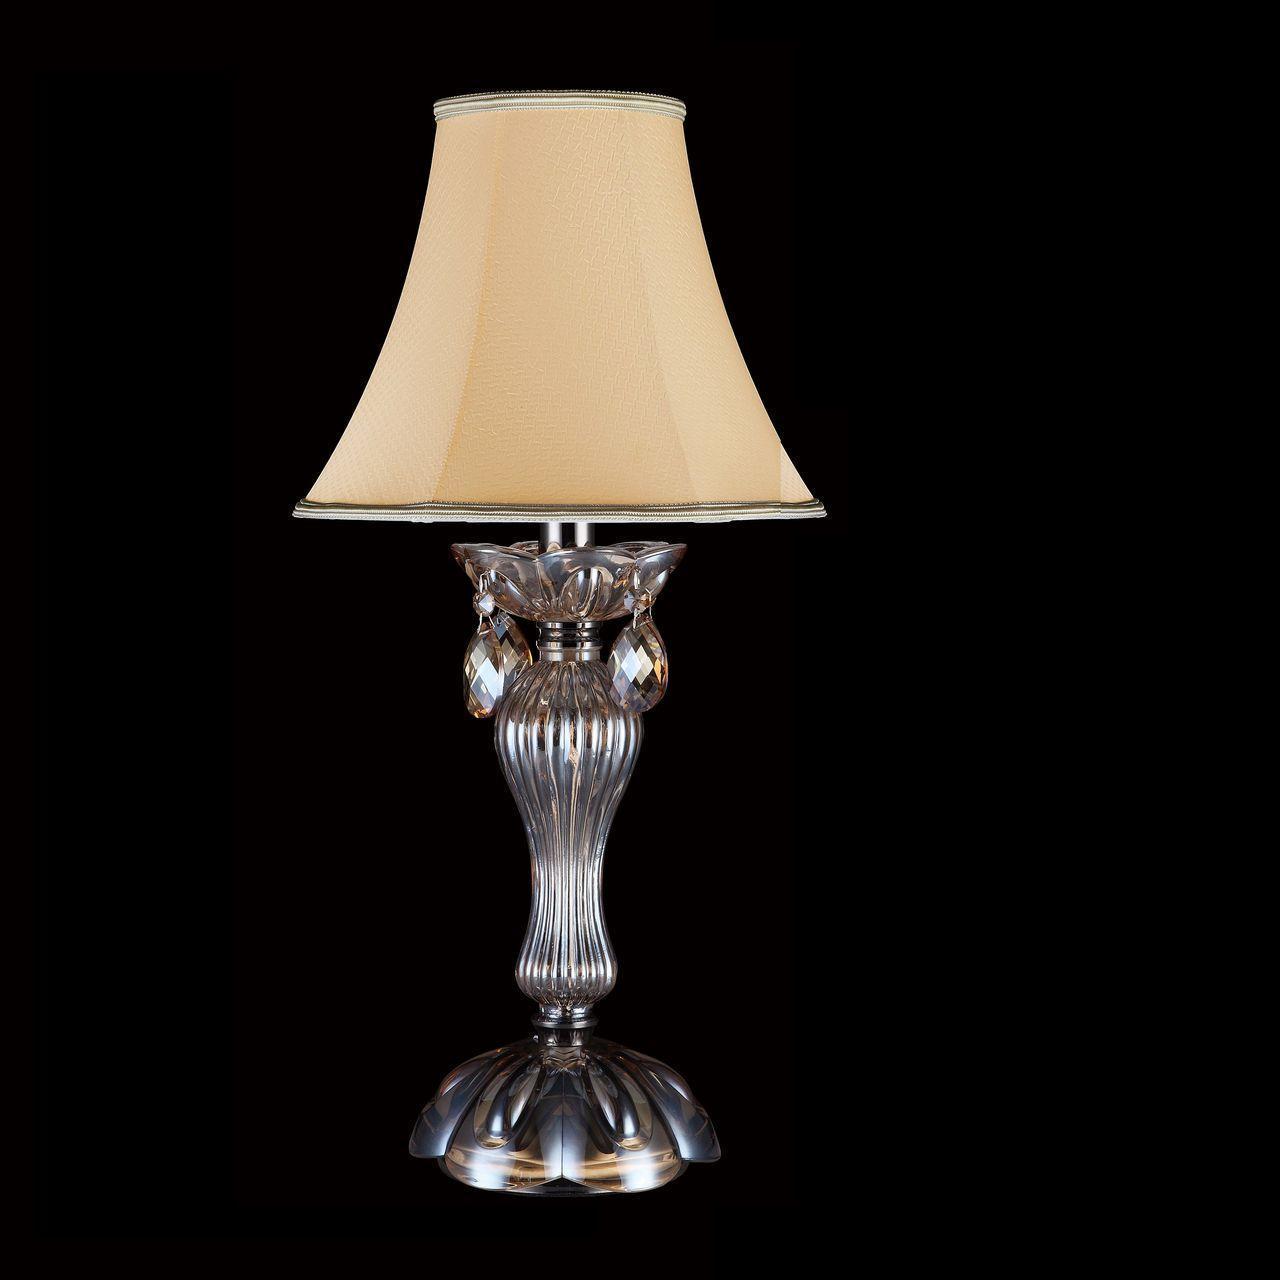 все цены на Настольная лампа Crystal Lux Siena LG1 онлайн